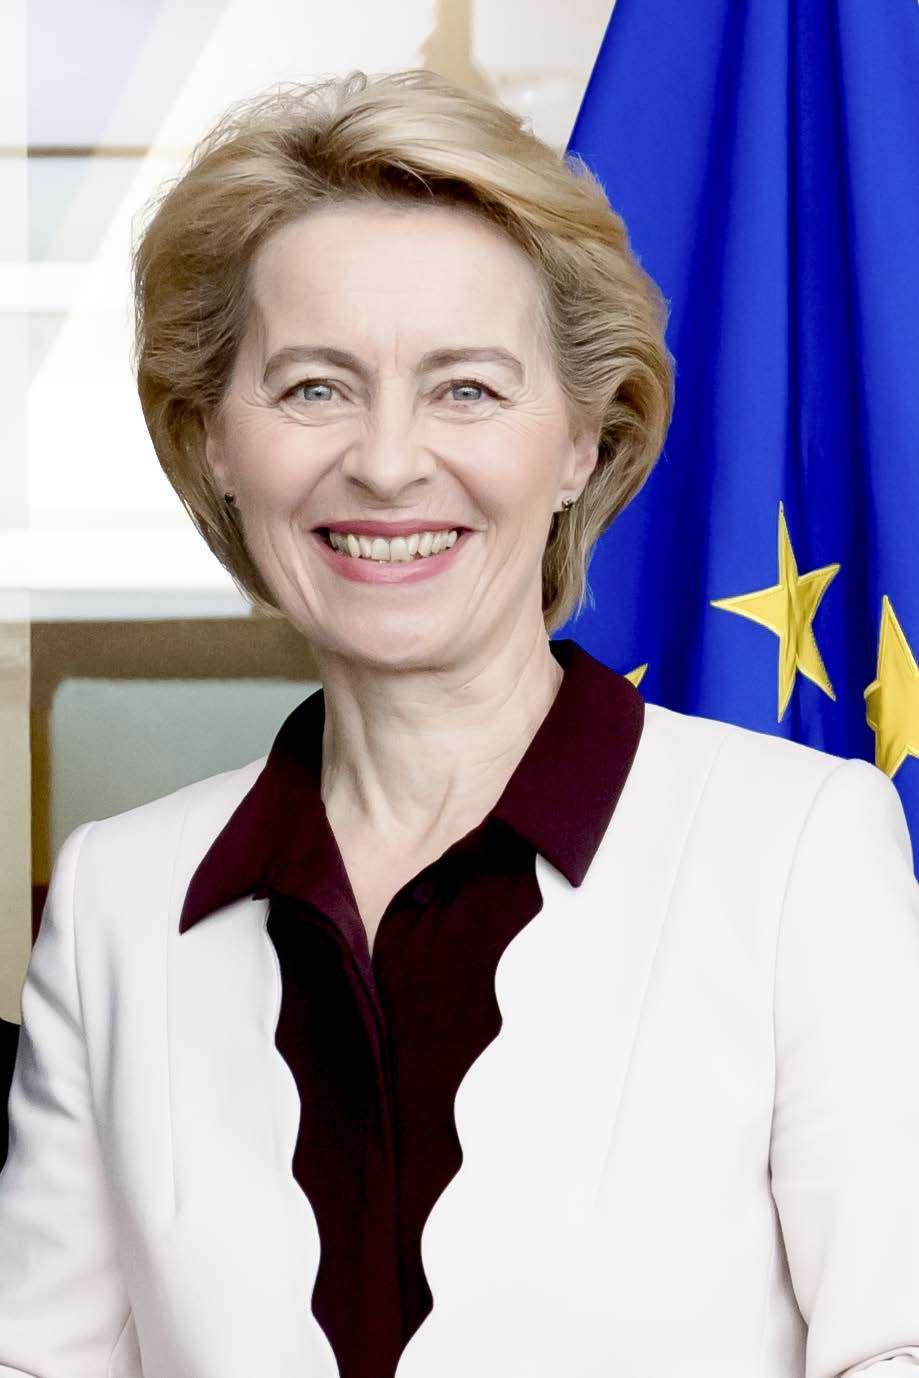 Commercio estero: La firma dell'accordo RCEP voluto dalla Cina impone reazione europea